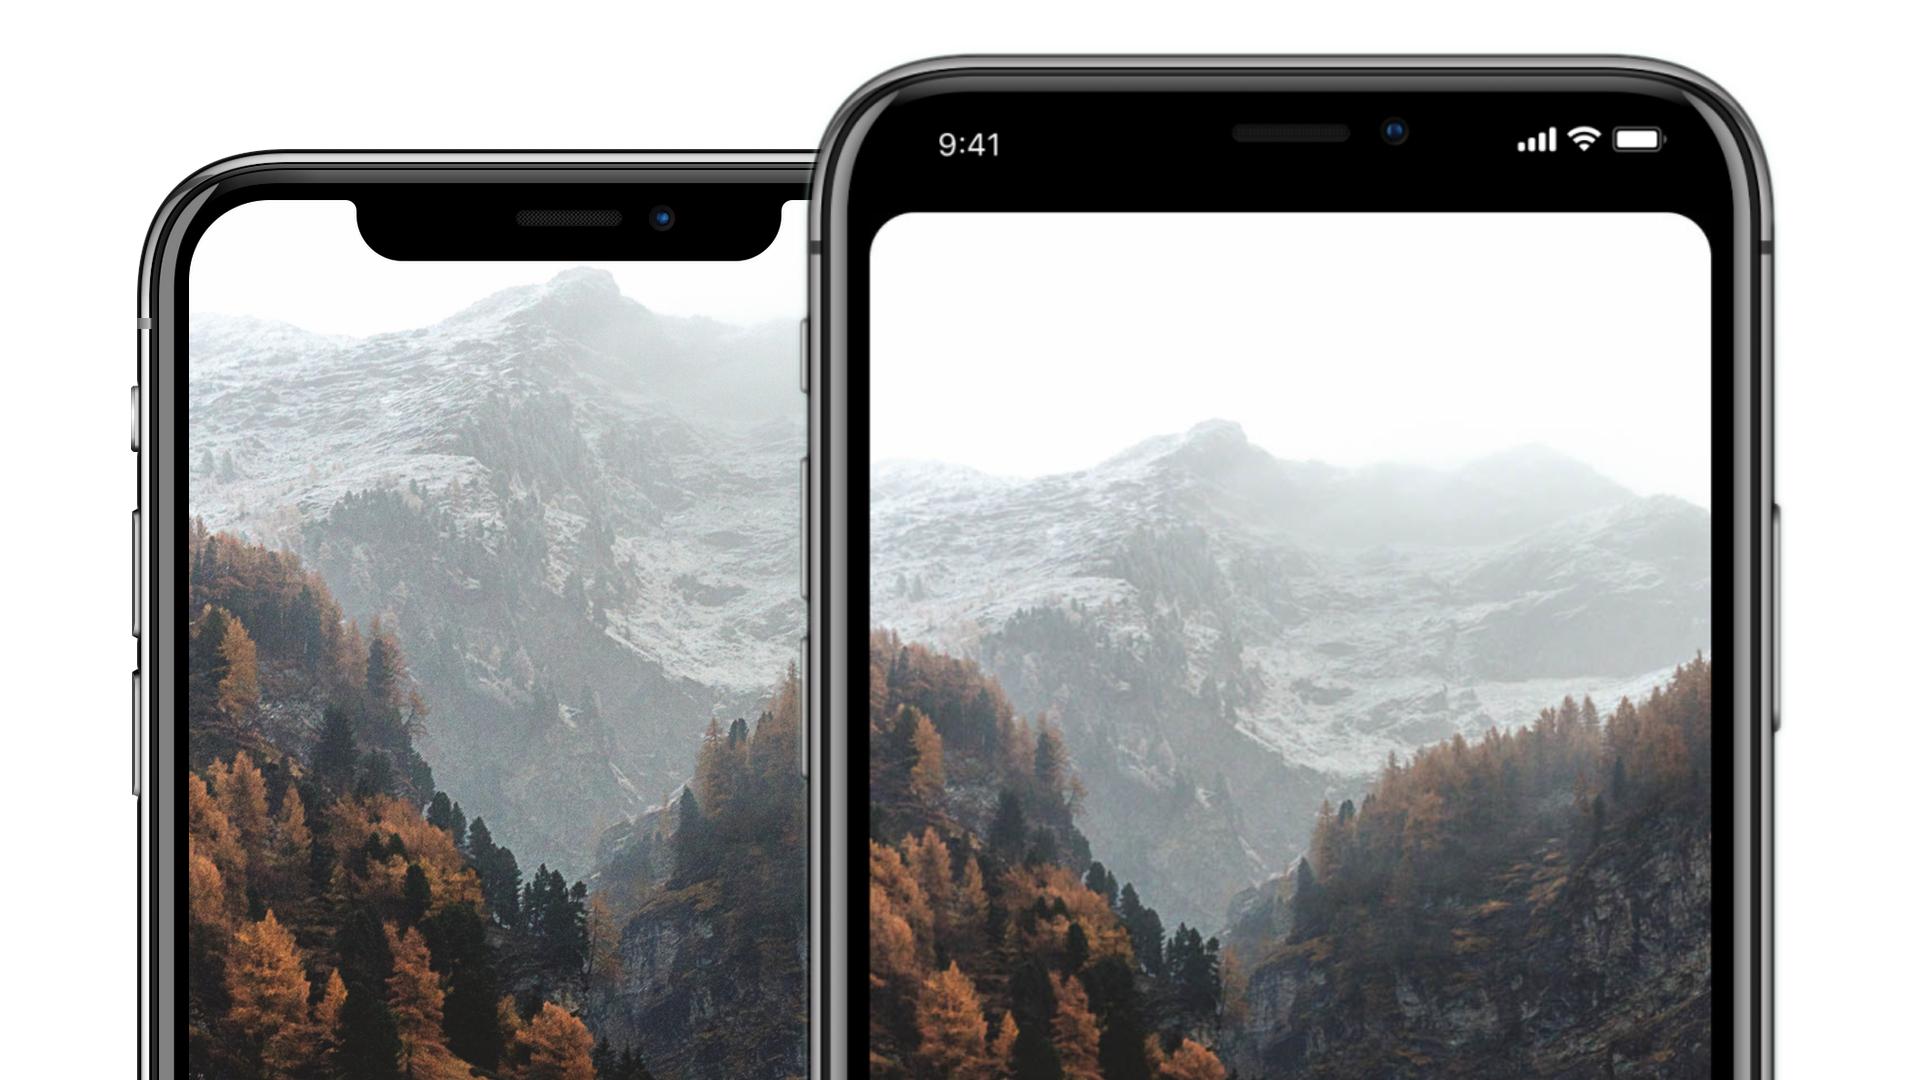 Bild hintergrund entfernen iphone